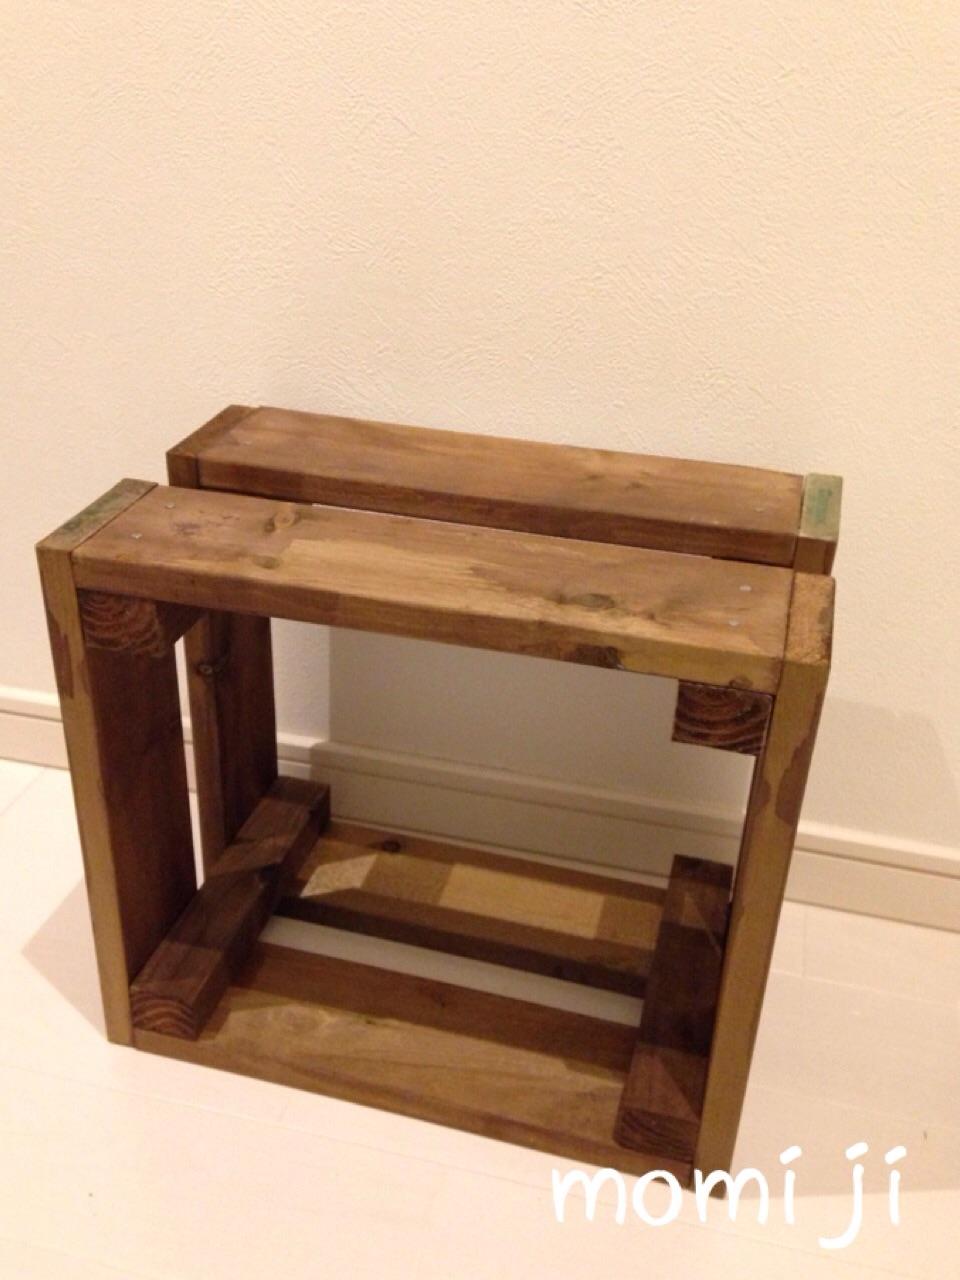 木箱をDIY